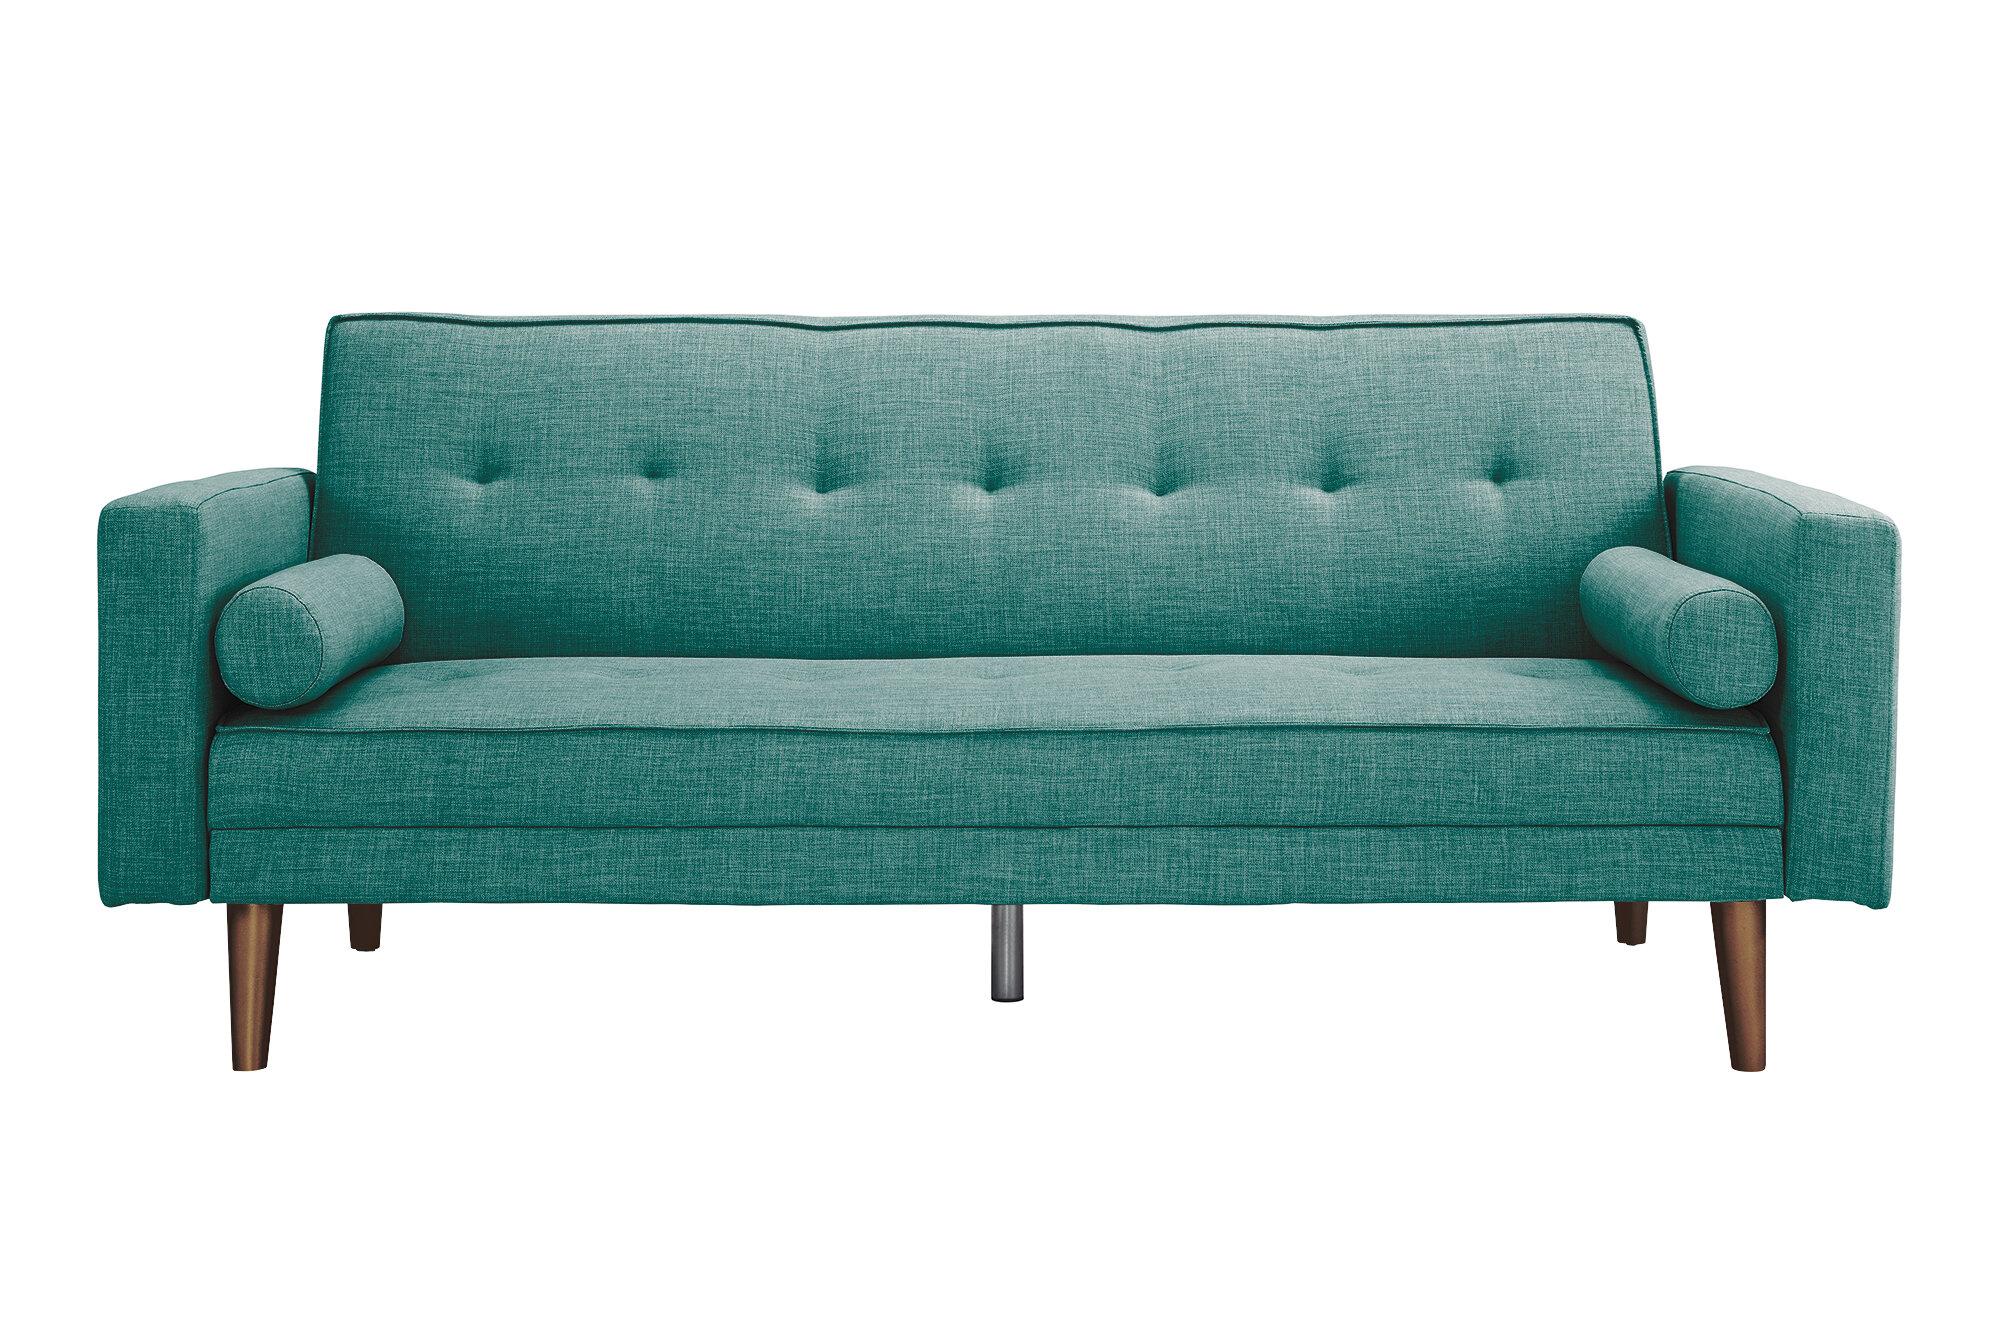 Novogratz Vintage Mix Convertible Sofa